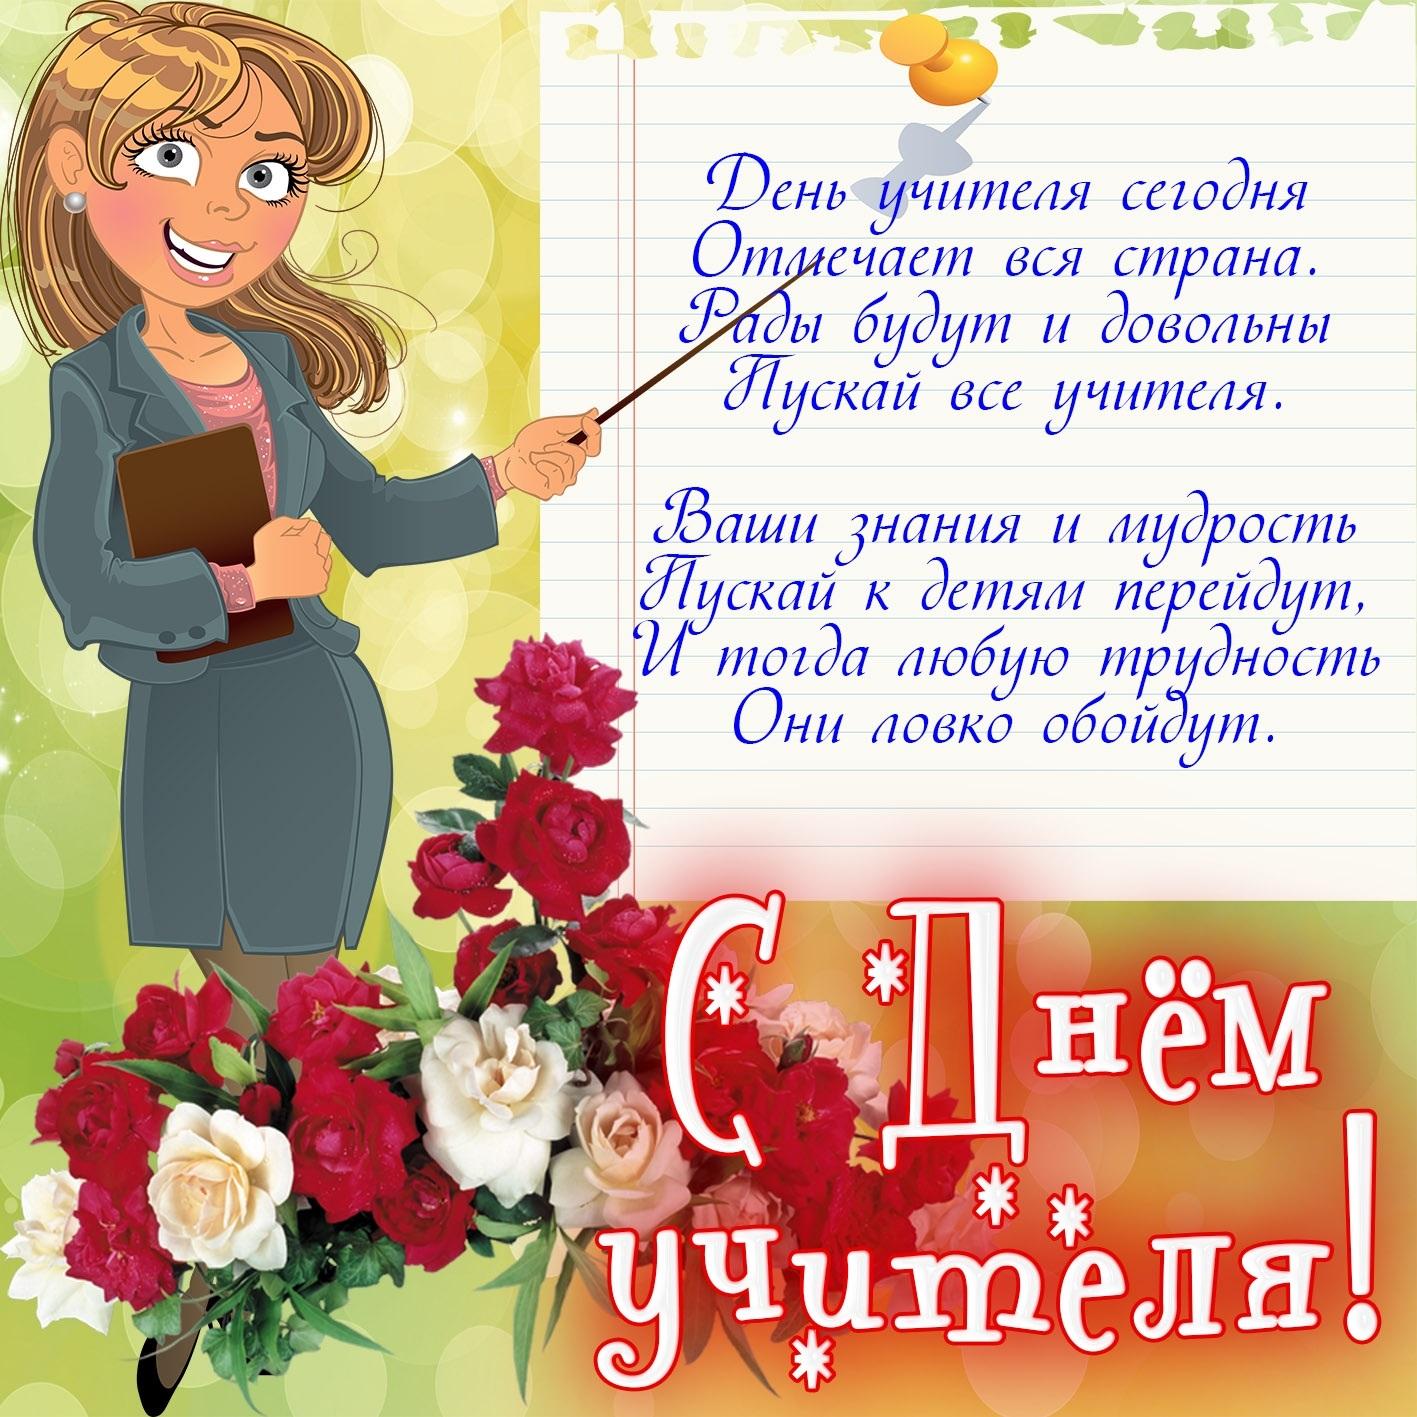 Картинки для детей день учителя005